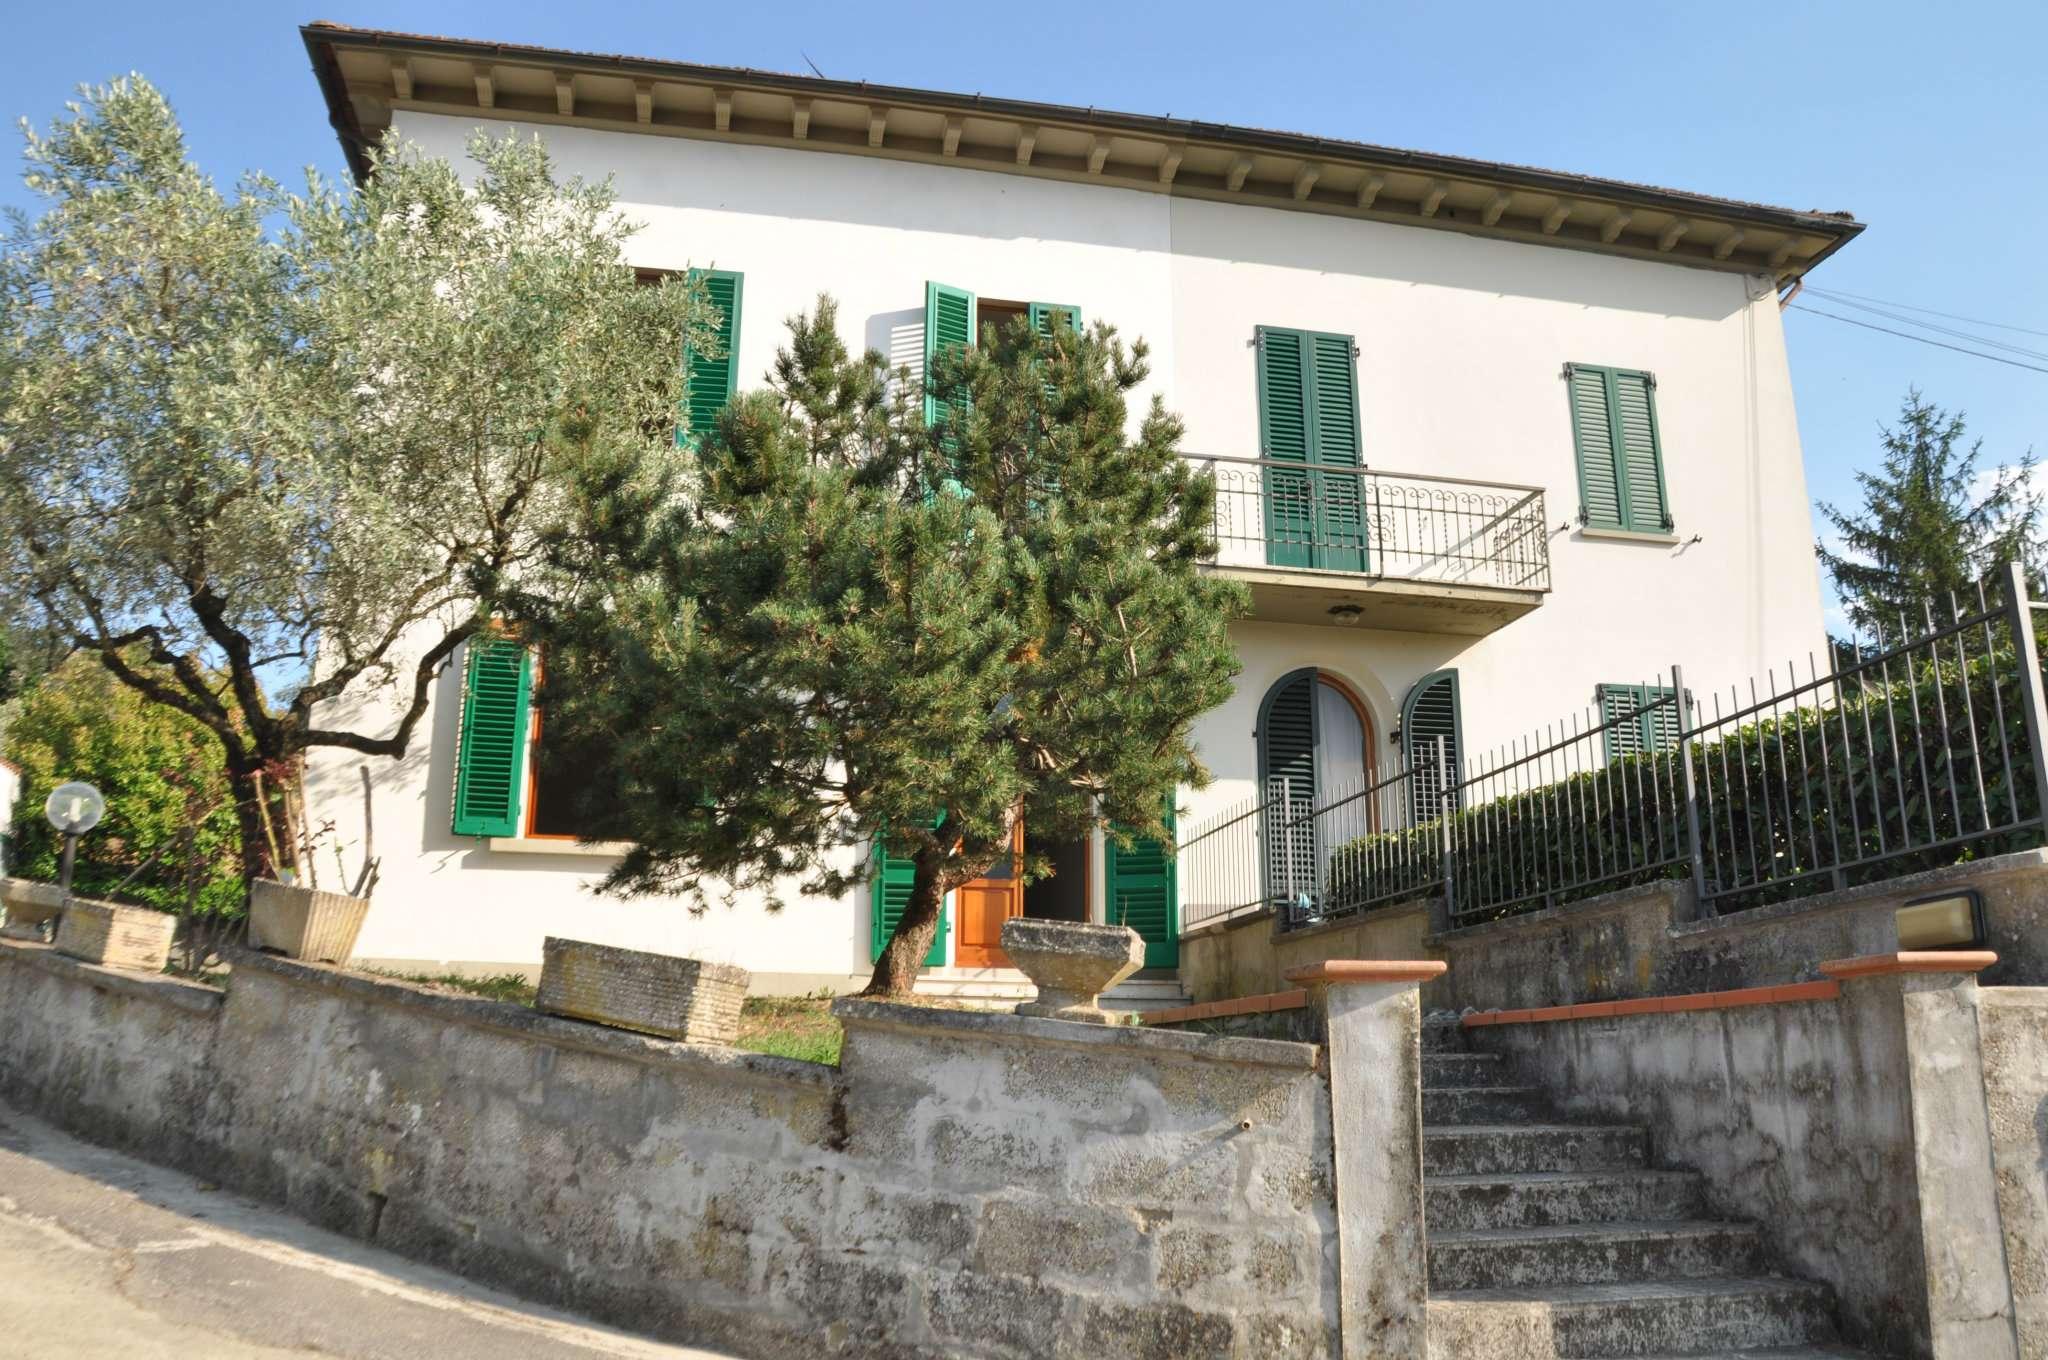 Soluzione Indipendente in affitto a Serravalle Pistoiese, 5 locali, prezzo € 800 | CambioCasa.it